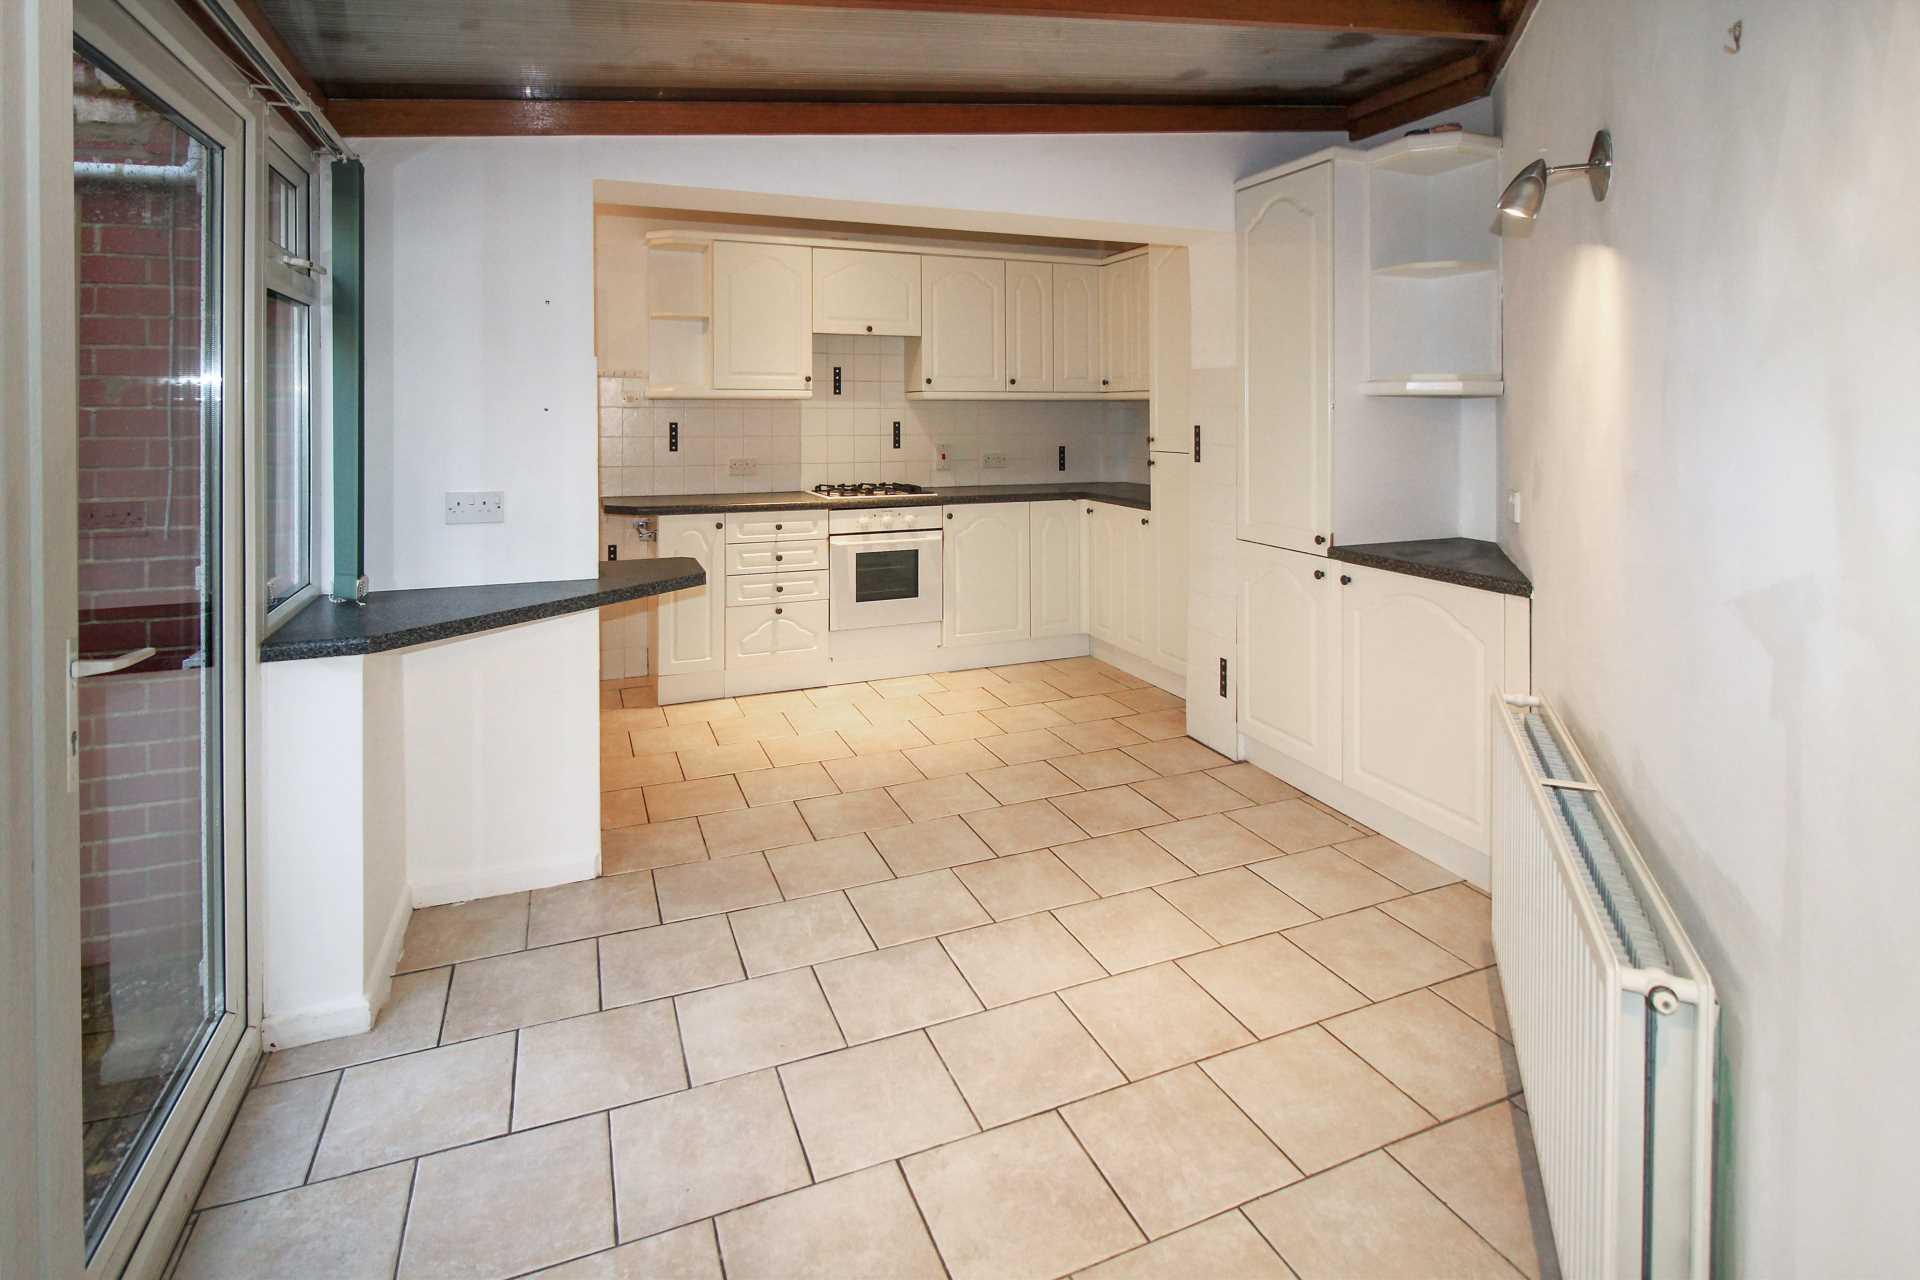 Wykham Place, Banbury, Image 5